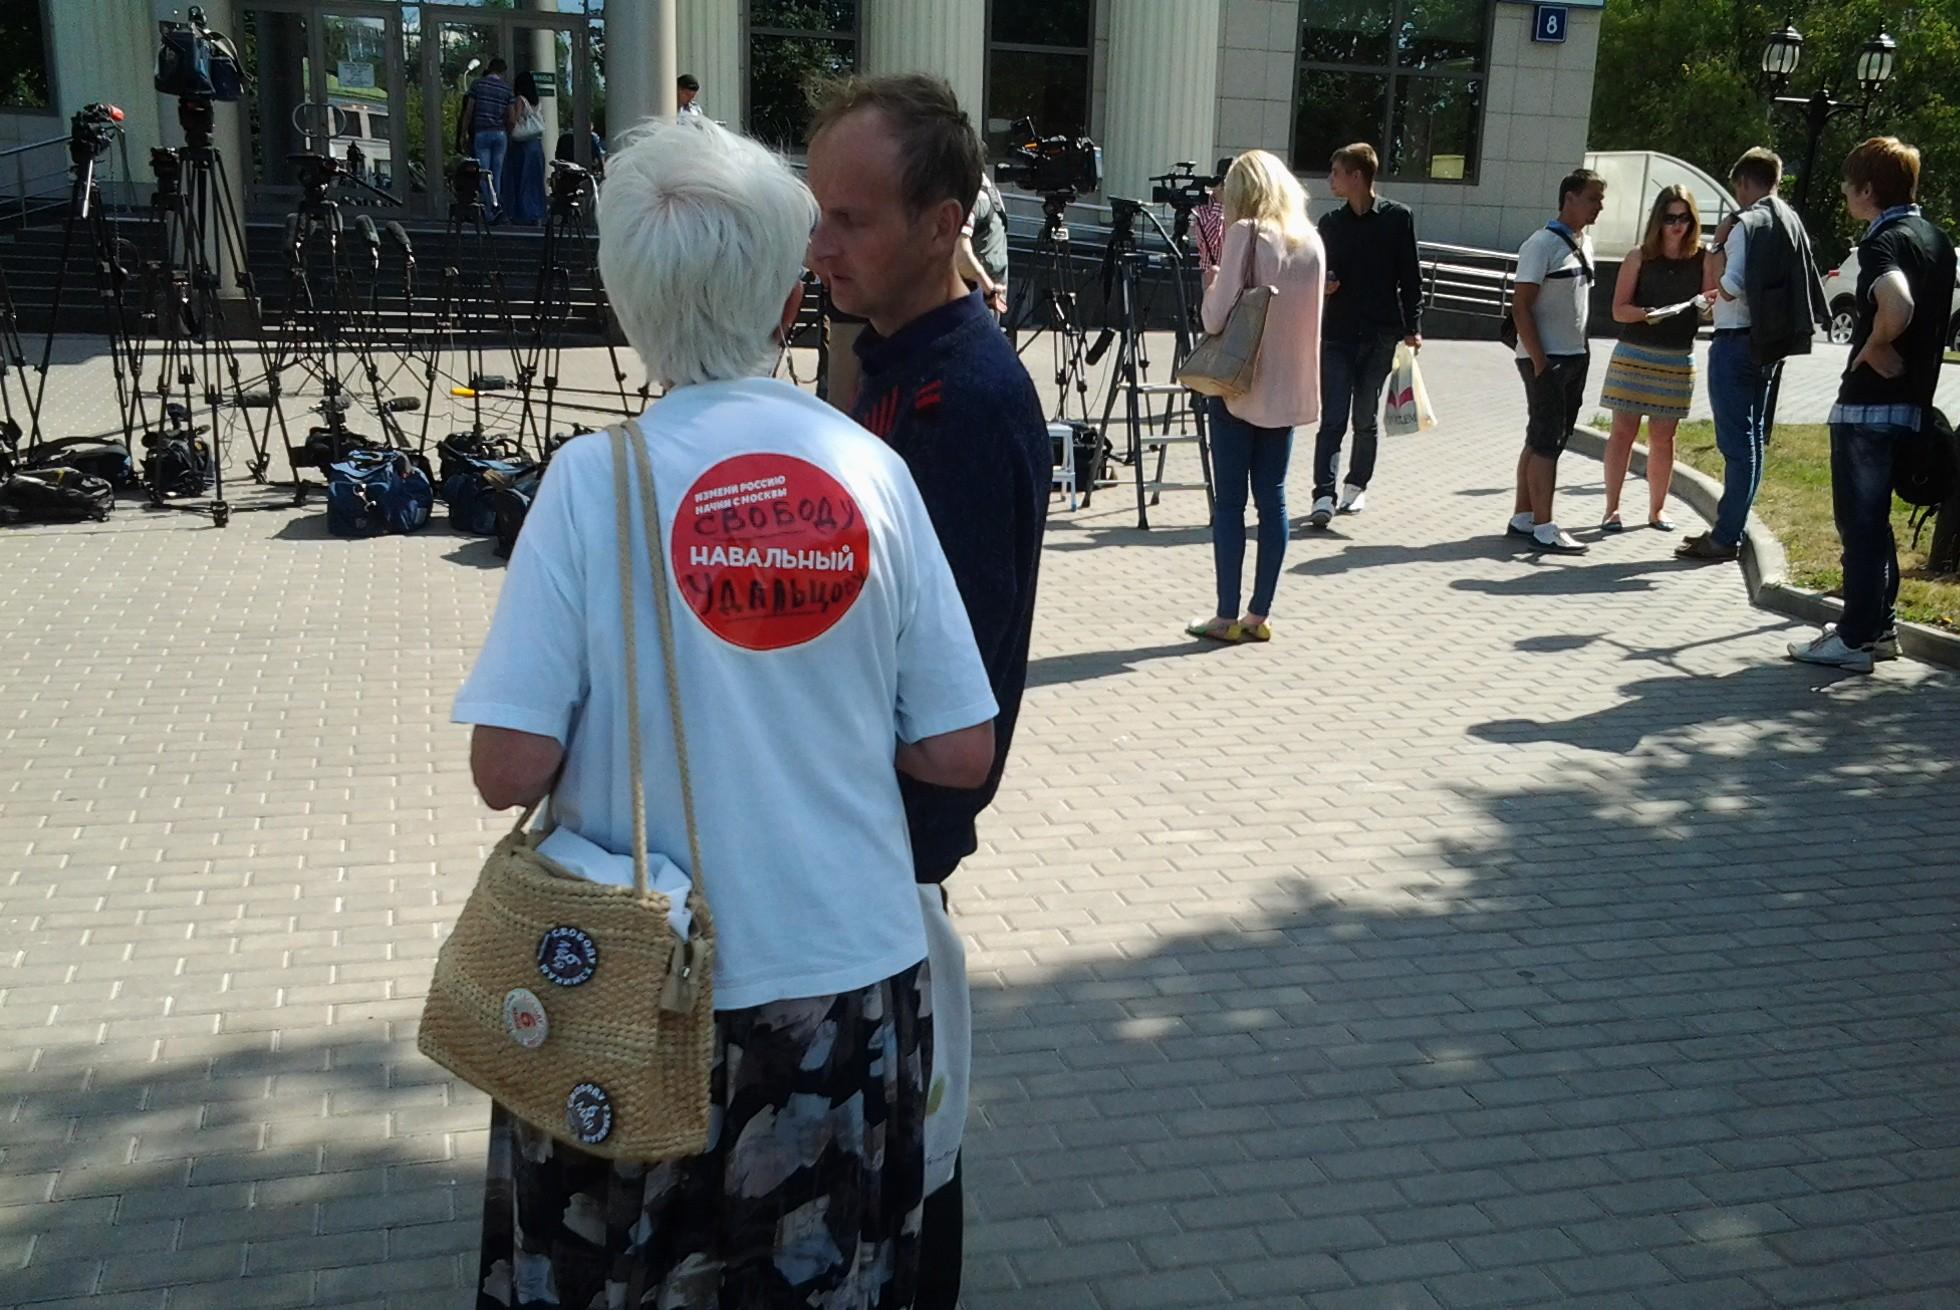 Москвичи остались равнодушны к «трагедии» Удальцова и Развозжаева